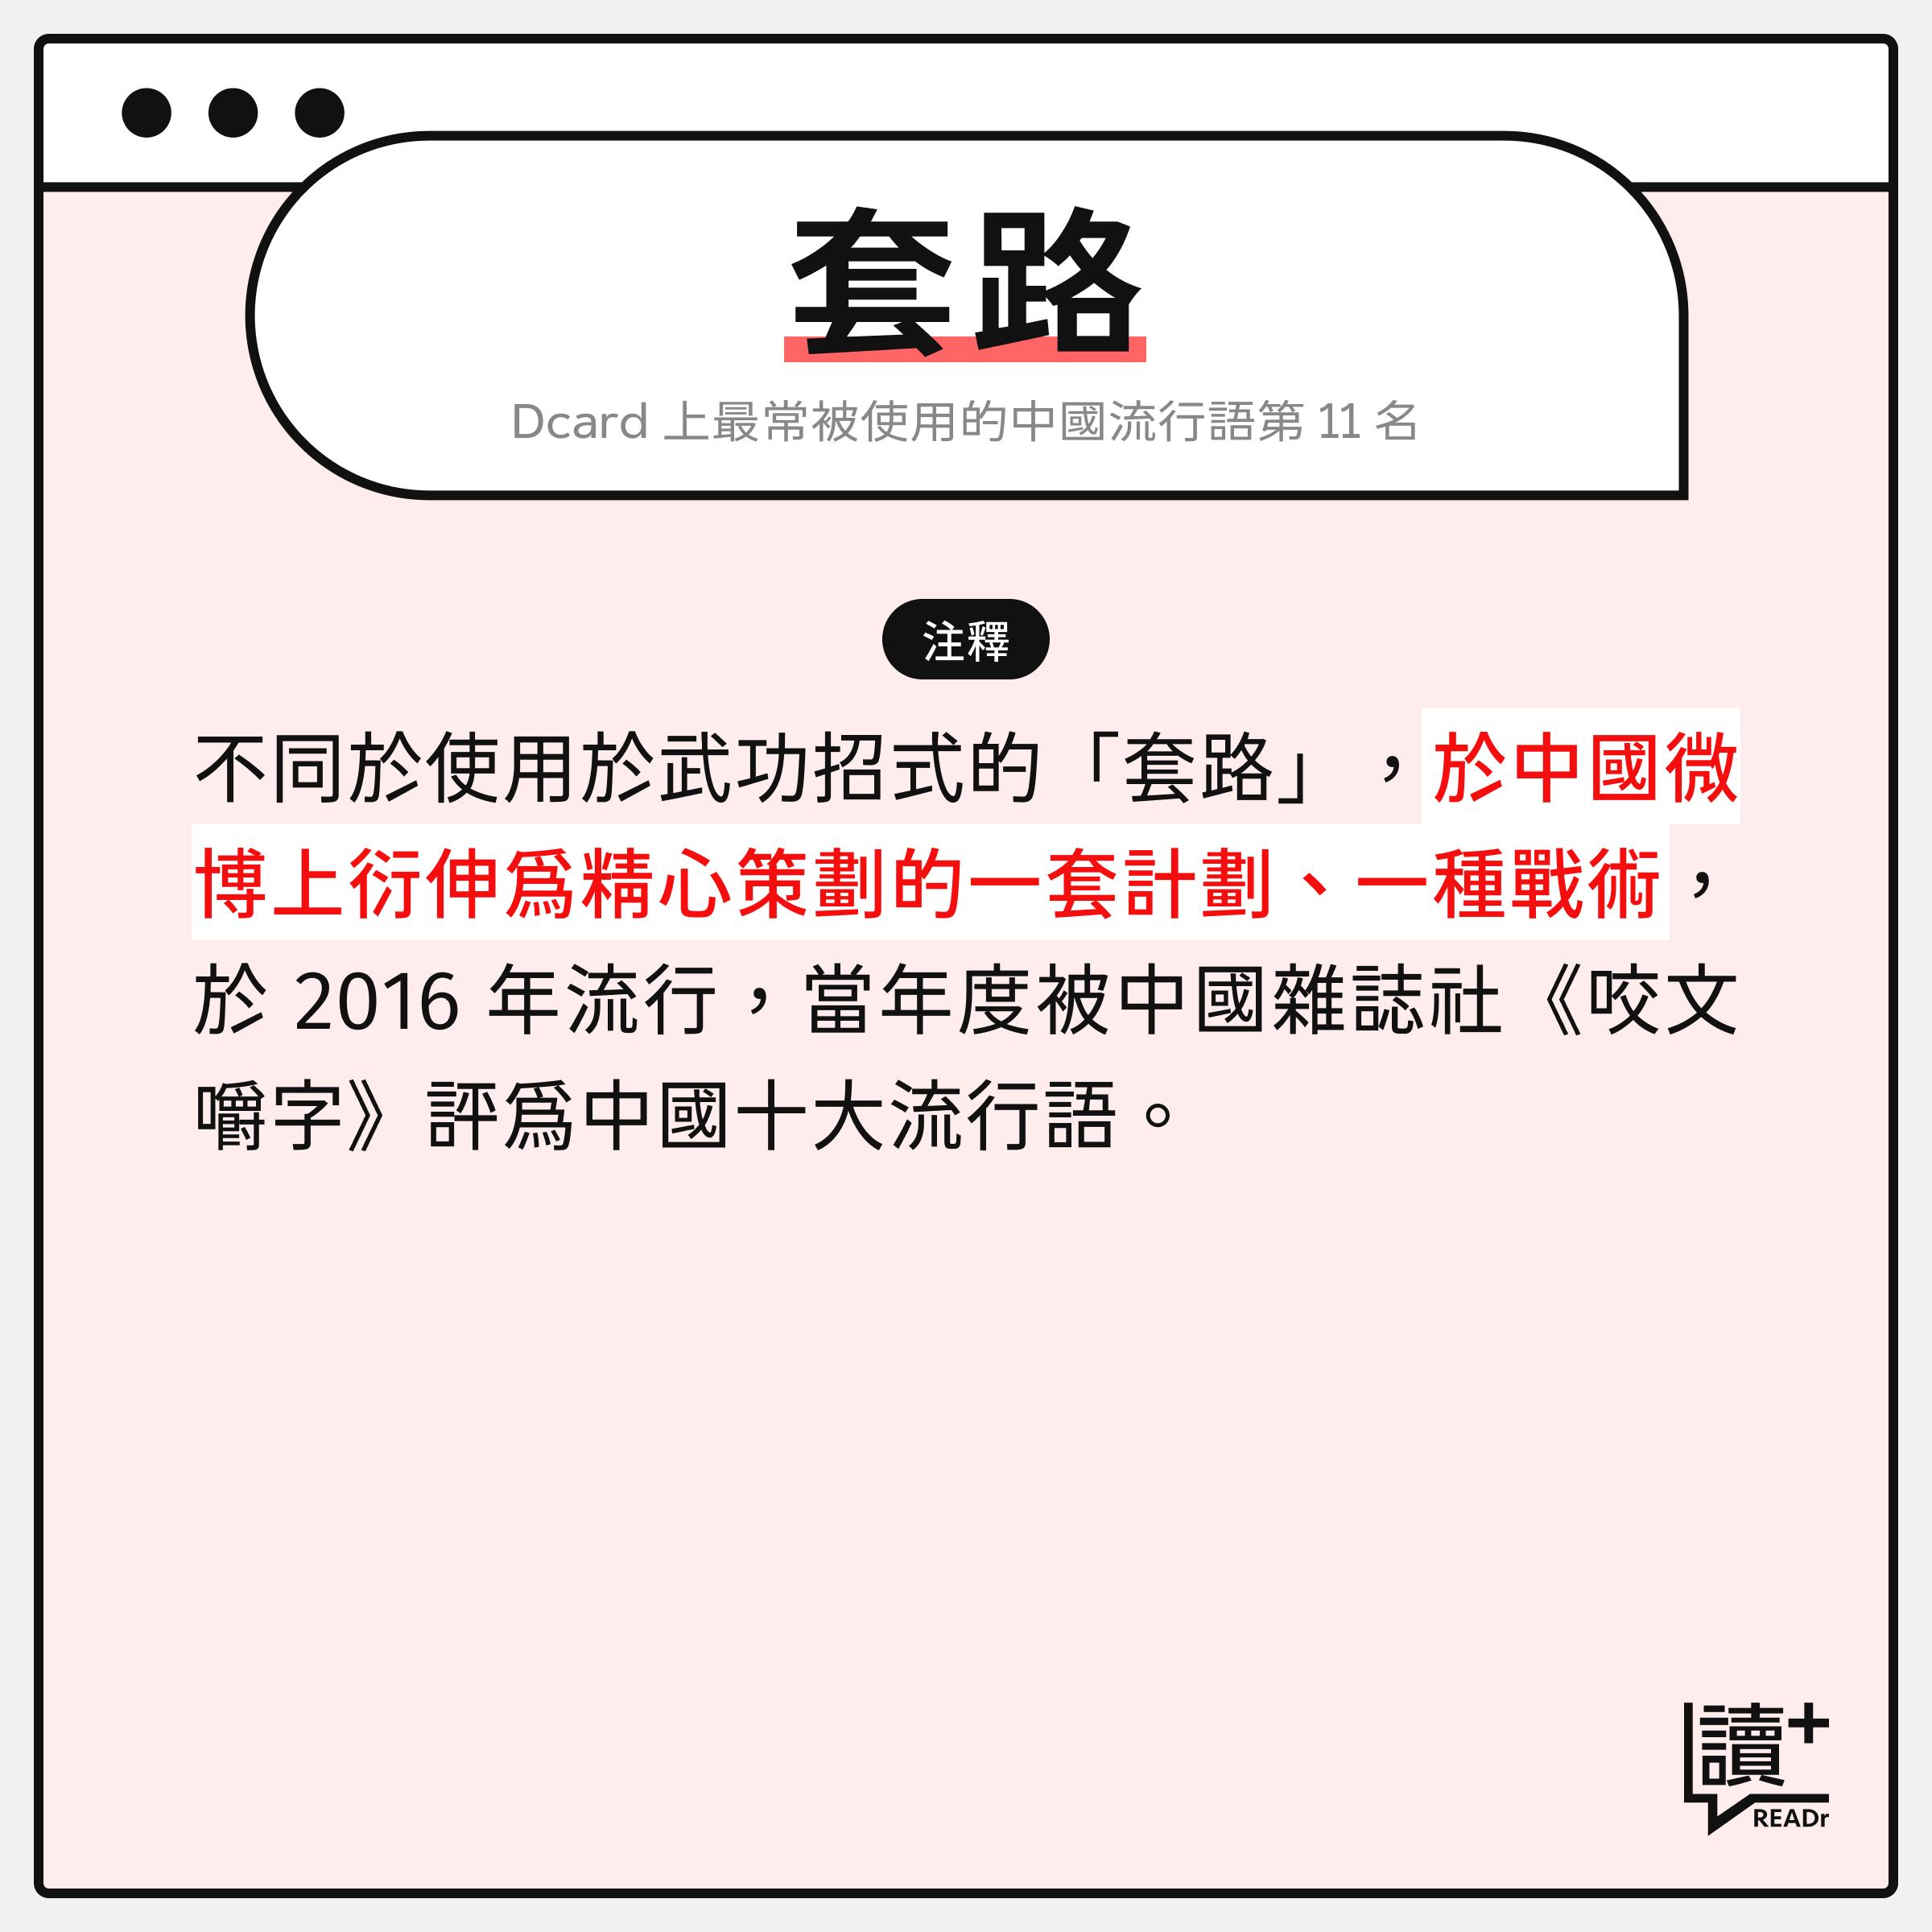 中國流行語詞彙:套路